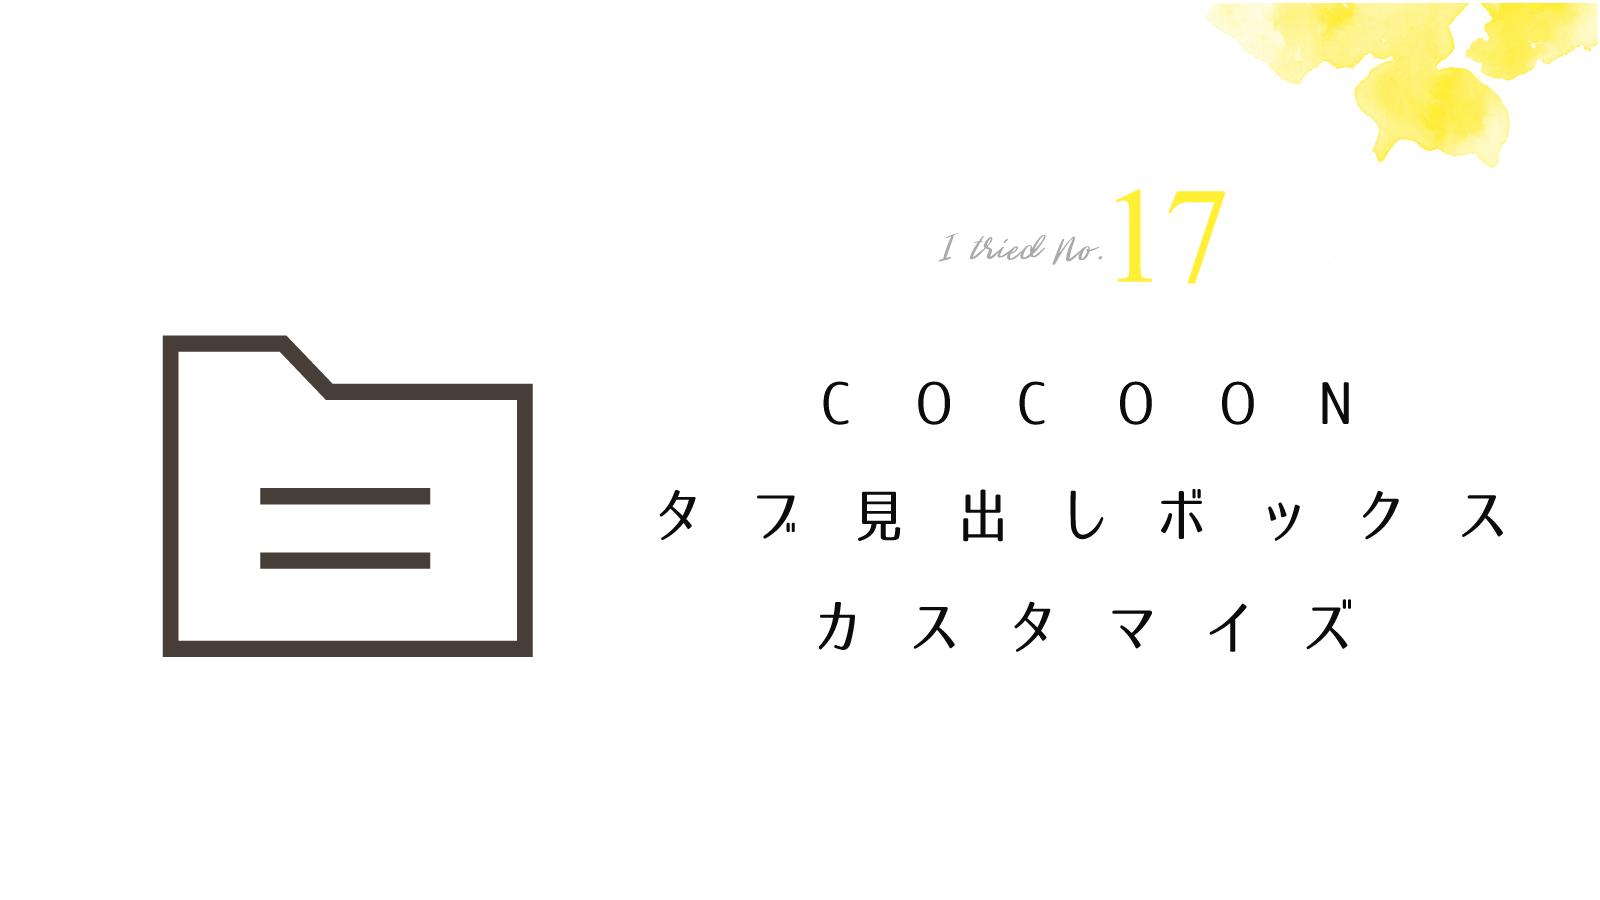 Cocoon カスタマイズ タブ見出しボックス